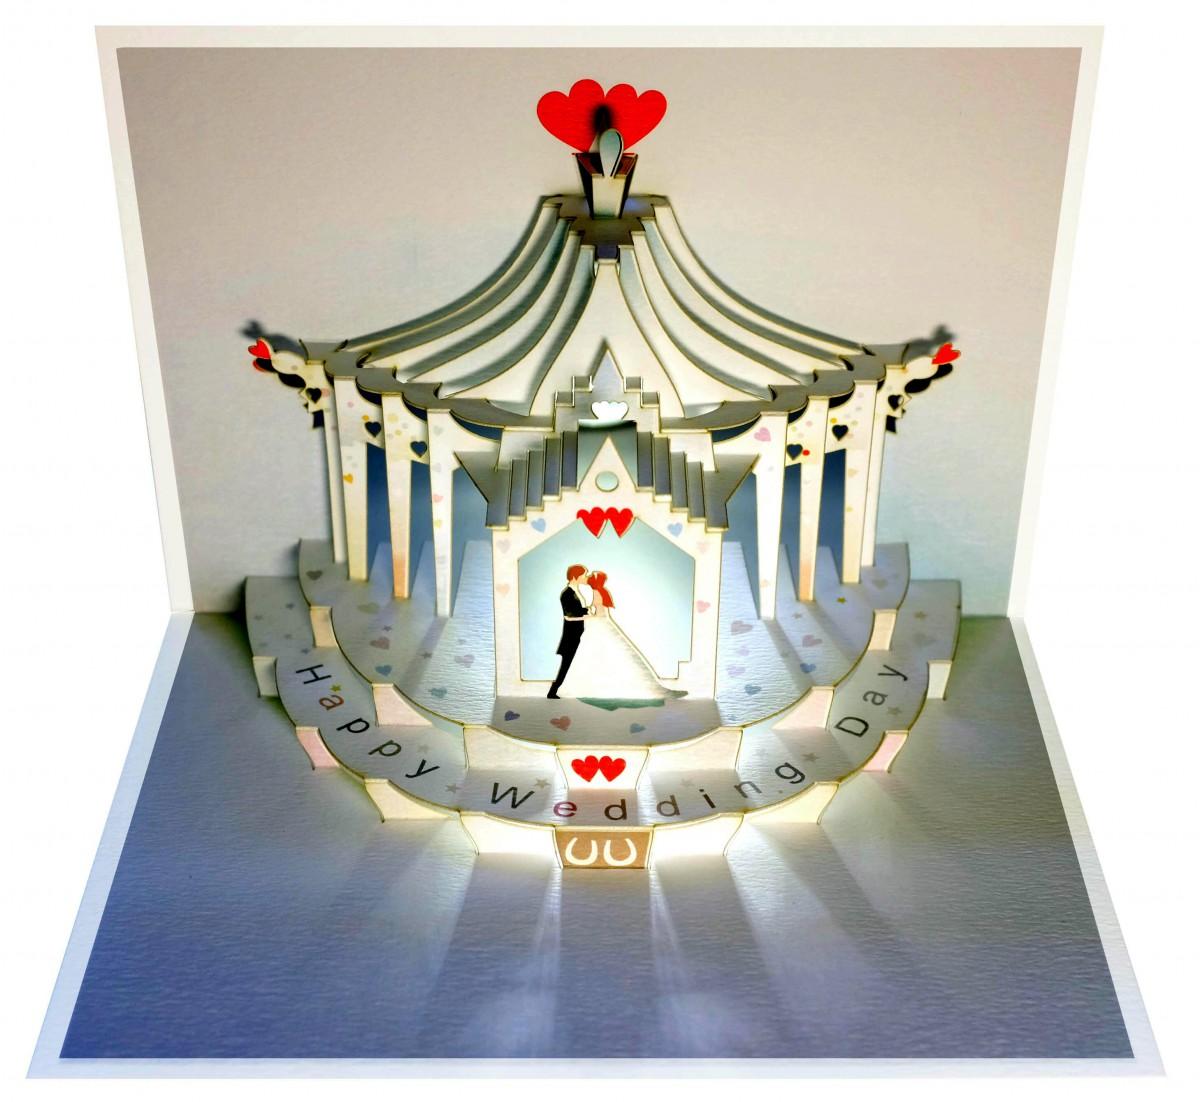 pop up 3d karte hochzeit grusskarte geburtstag gutschein pavillon hochzeitstag 16x11cm 509008. Black Bedroom Furniture Sets. Home Design Ideas